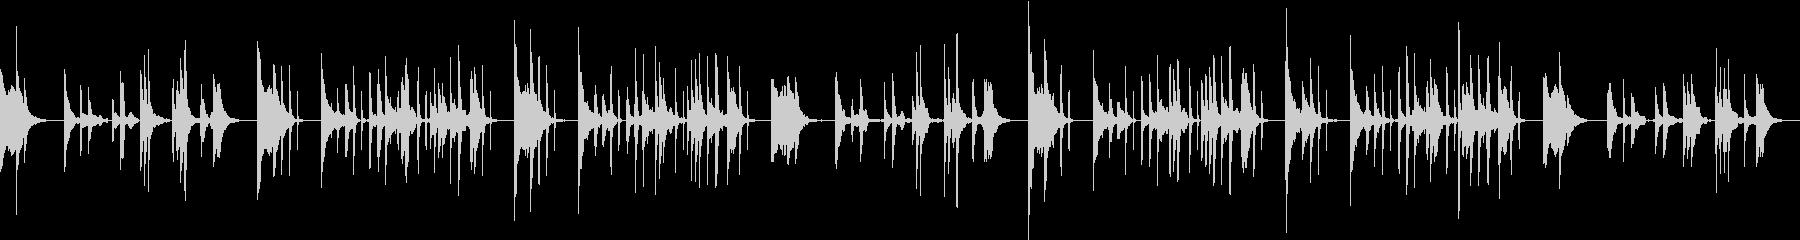 琴の爪弾くメロディがヨガ瞑想効果を高めるの未再生の波形